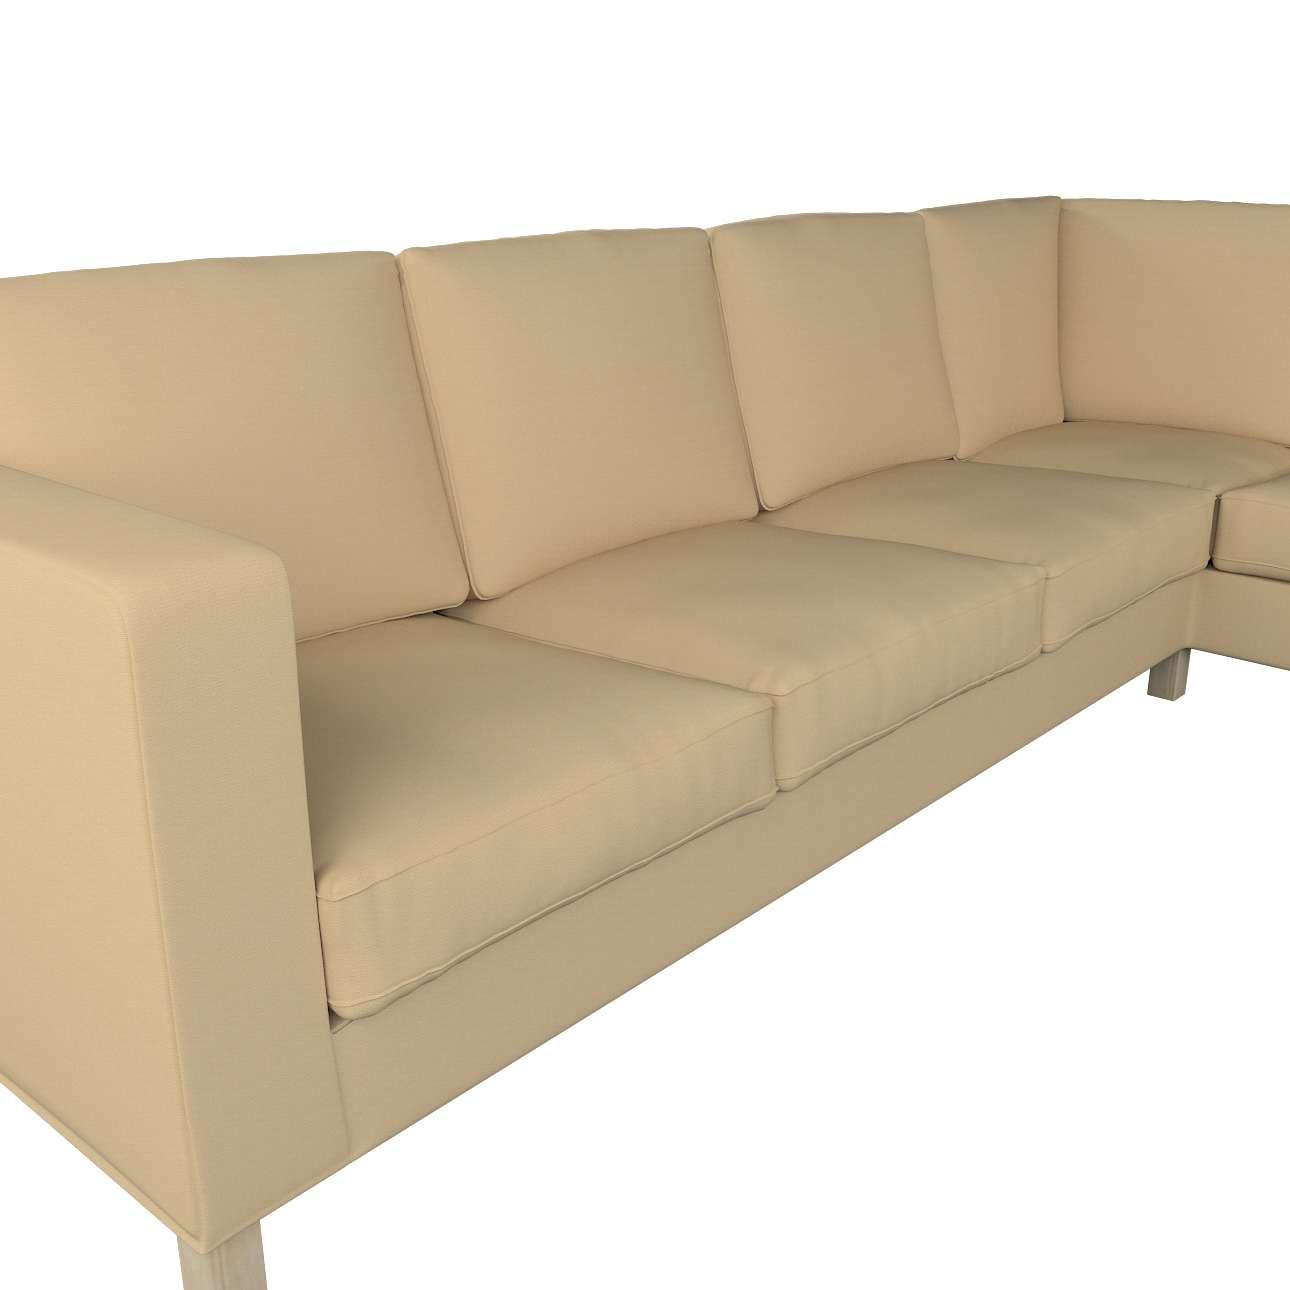 Pokrowiec na sofę narożną lewostronną Karlanda w kolekcji Cotton Panama, tkanina: 702-01